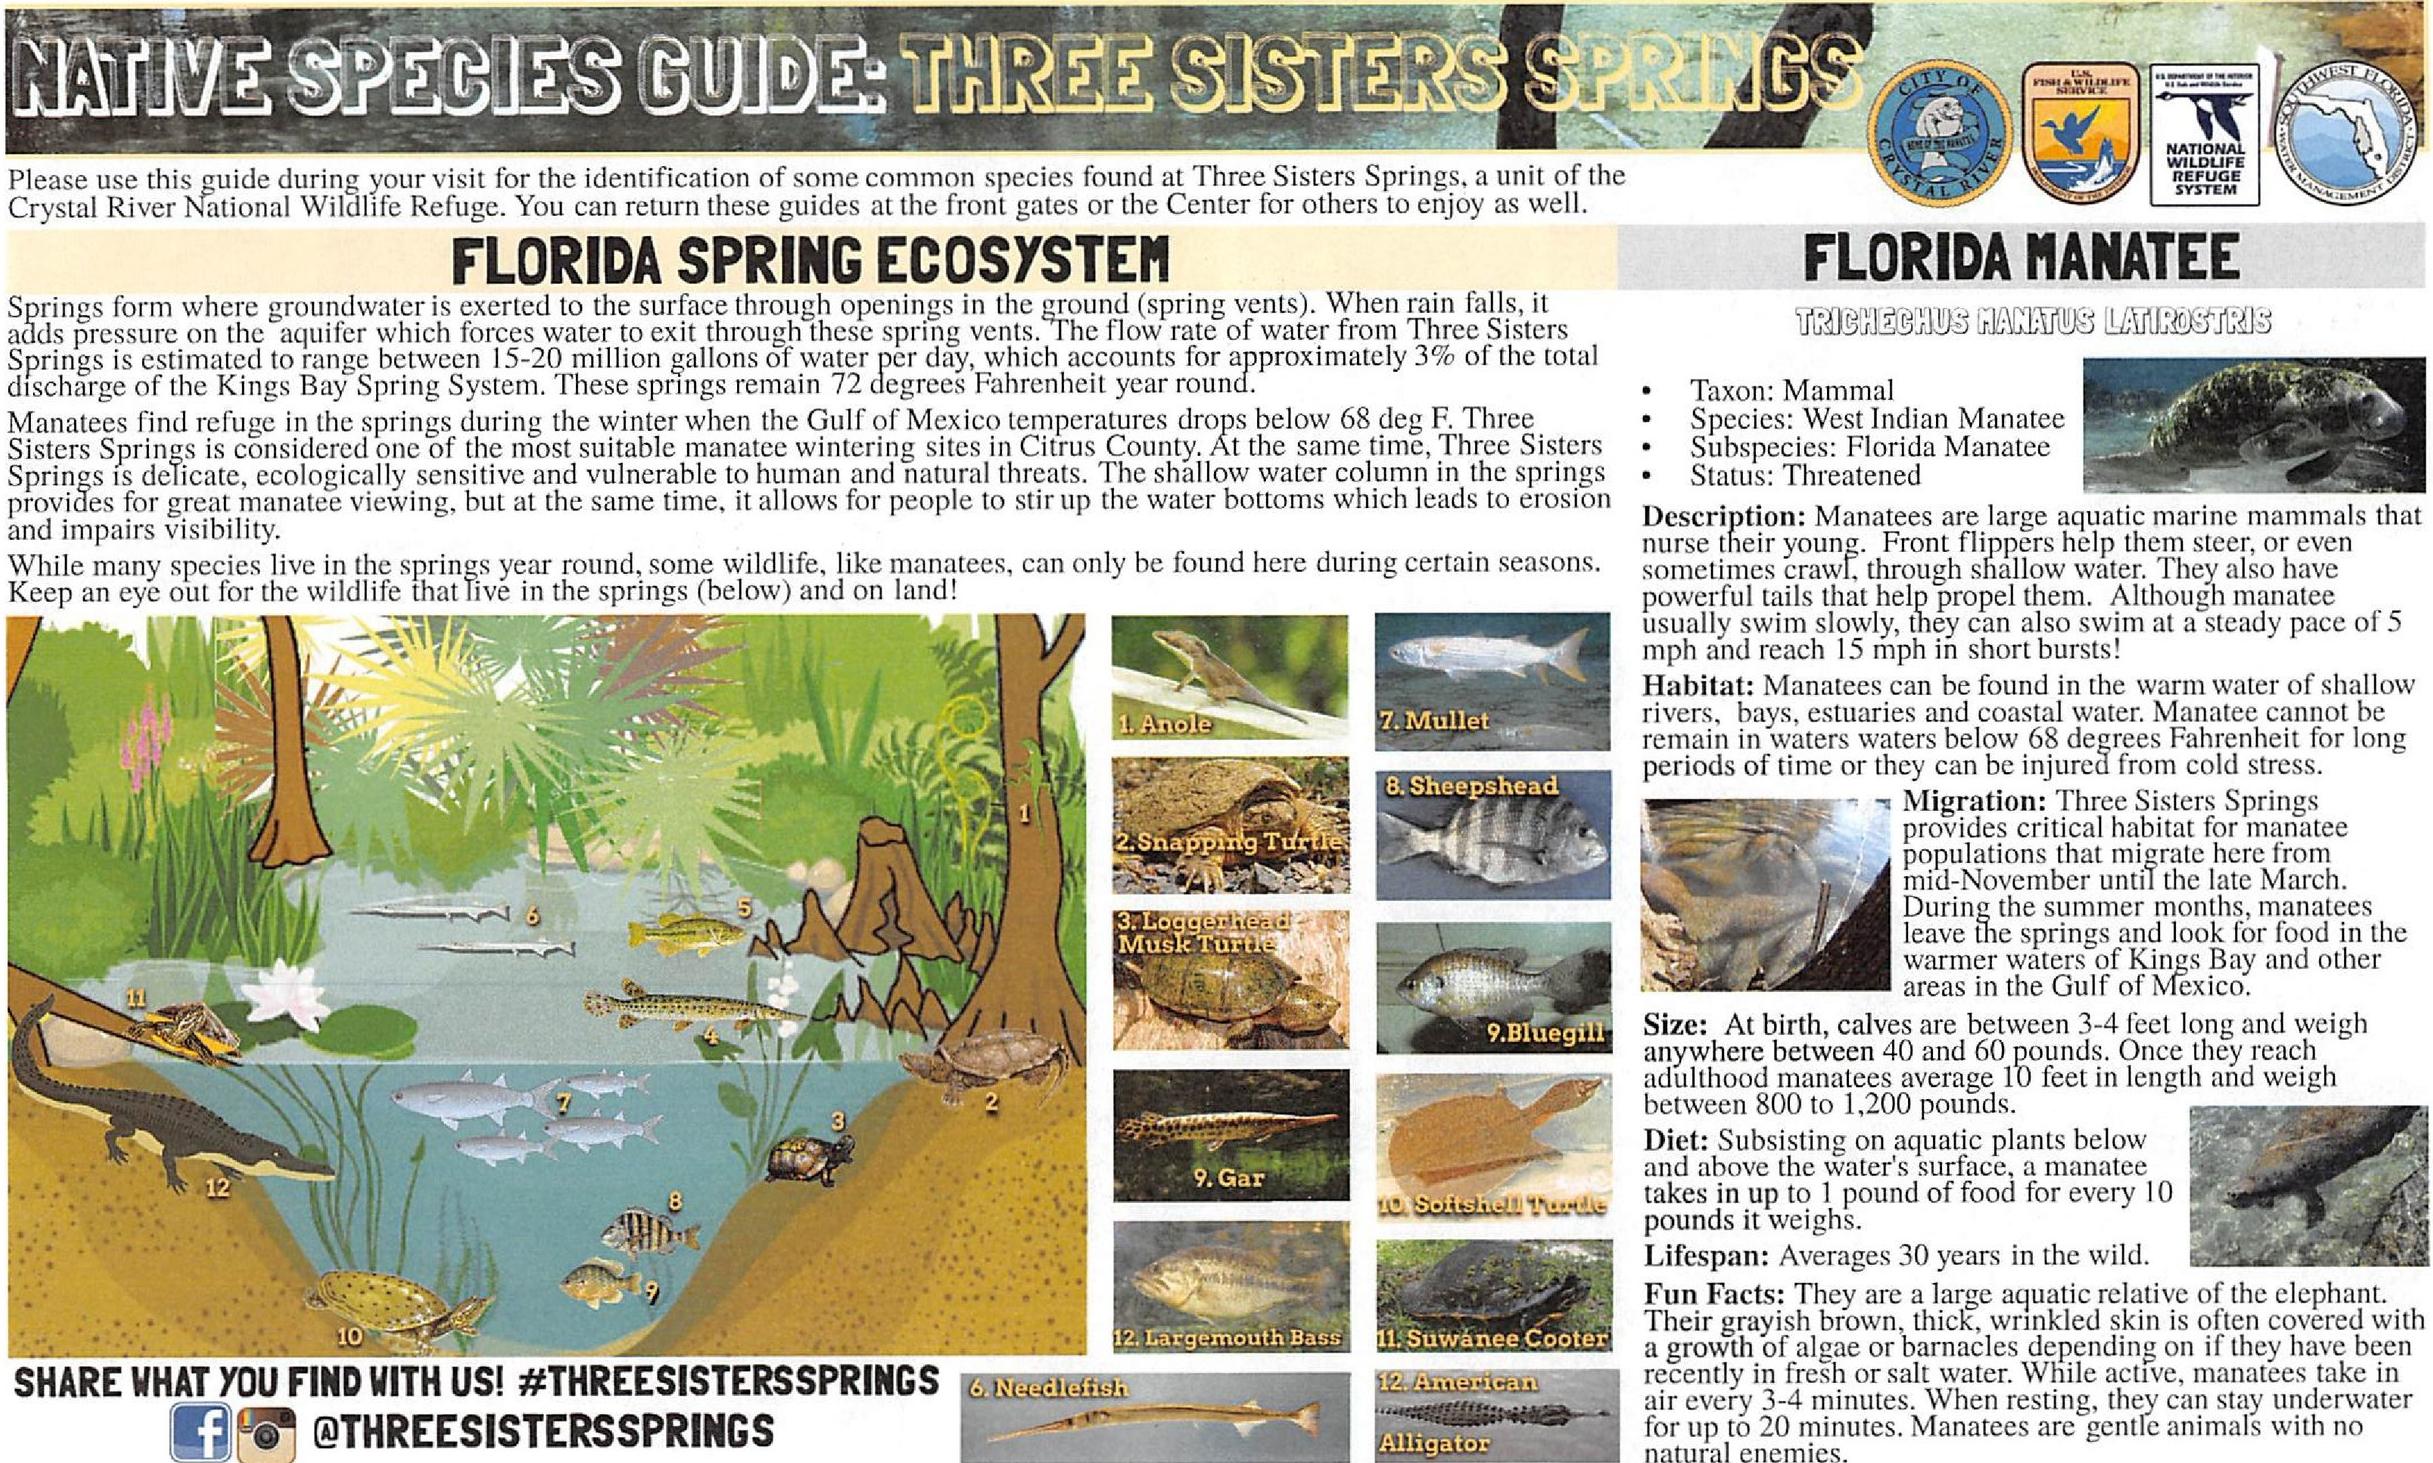 NativeSpeciesGuide-page-0.jpg